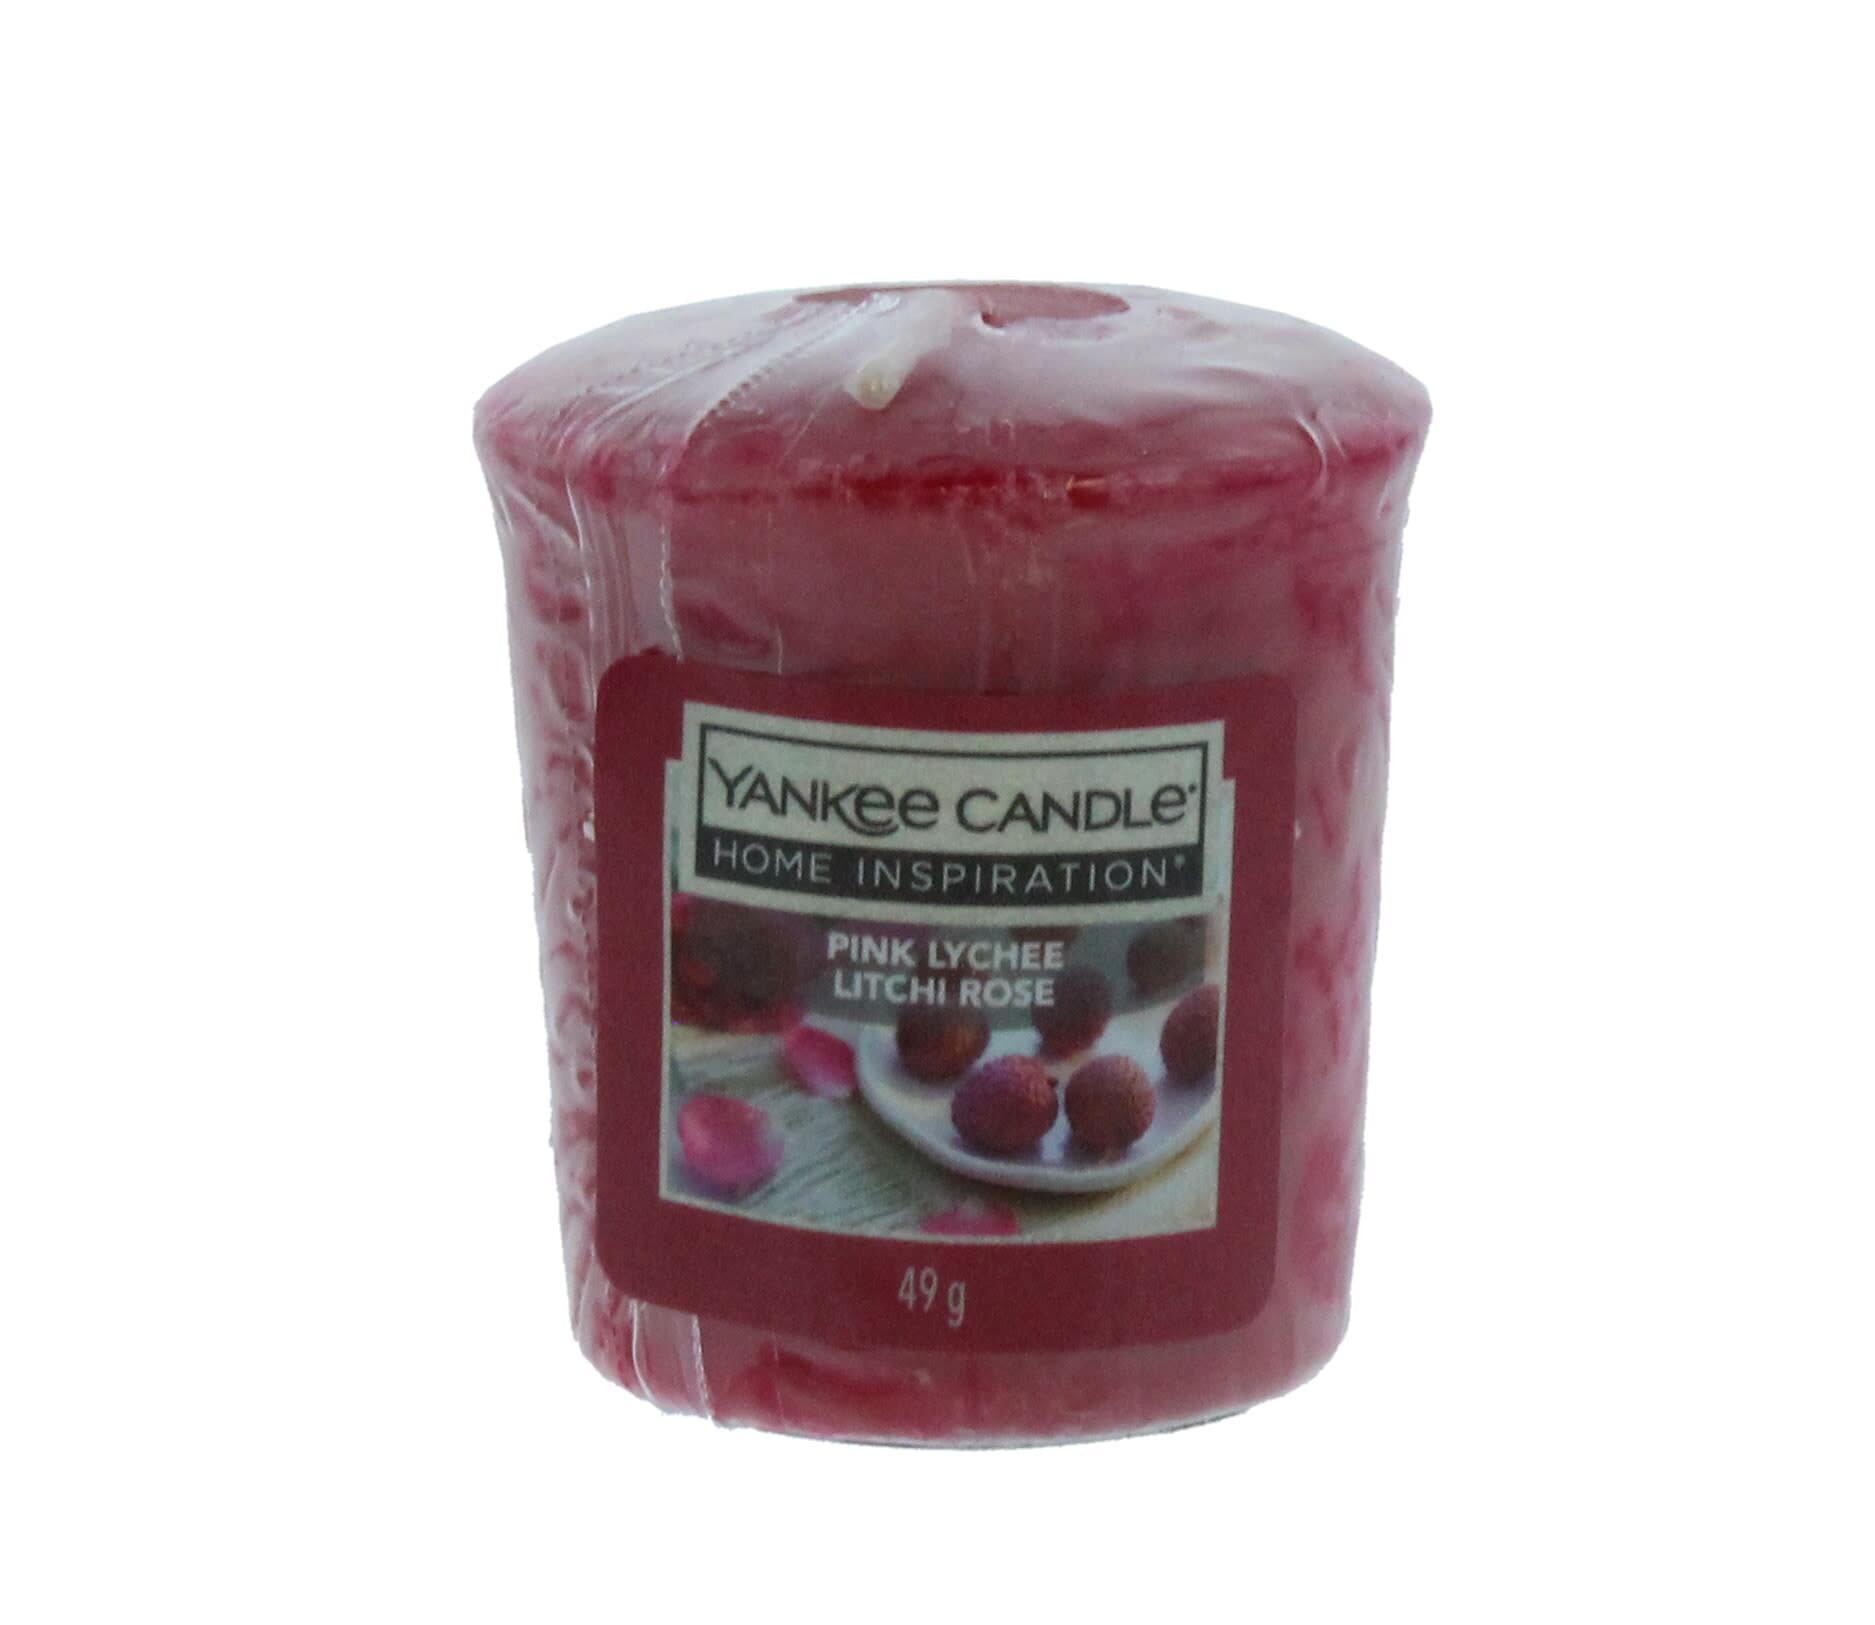 Yankee Candle aromatinė žvakė Pink Lychee, 49 g